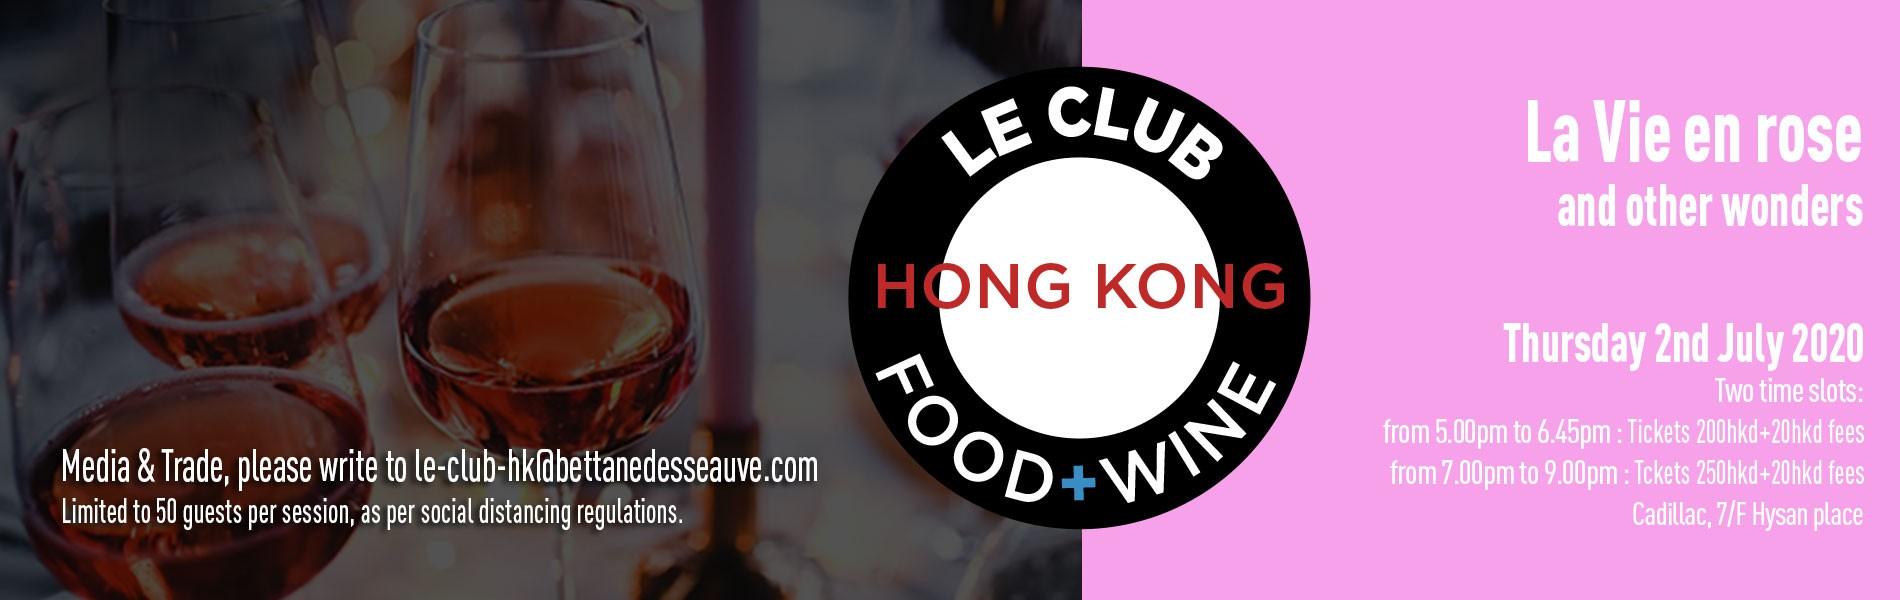 Le Club Food & Wine - La Vie en Rose & other wonders